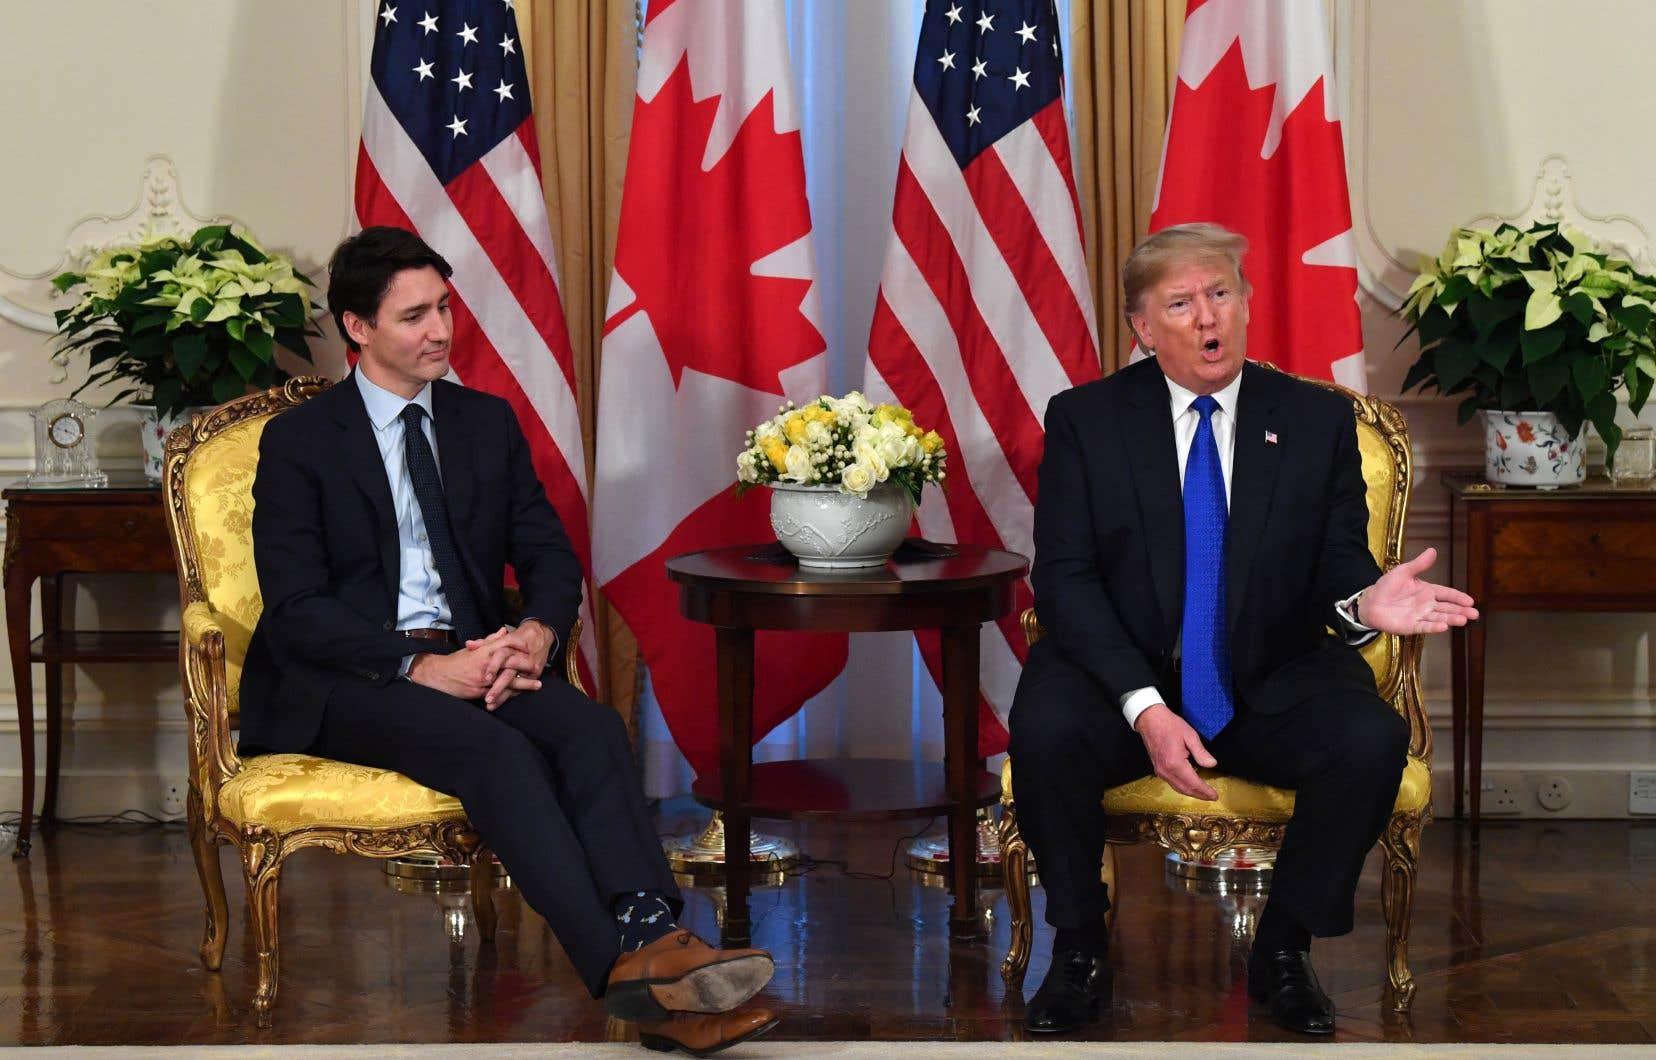 Le premier ministre Justin Trudeau et le président américain Donald Trumplors d'un point de presse conjoint en marge d'une importante réunion de l'OTAN, mardi à Londres.